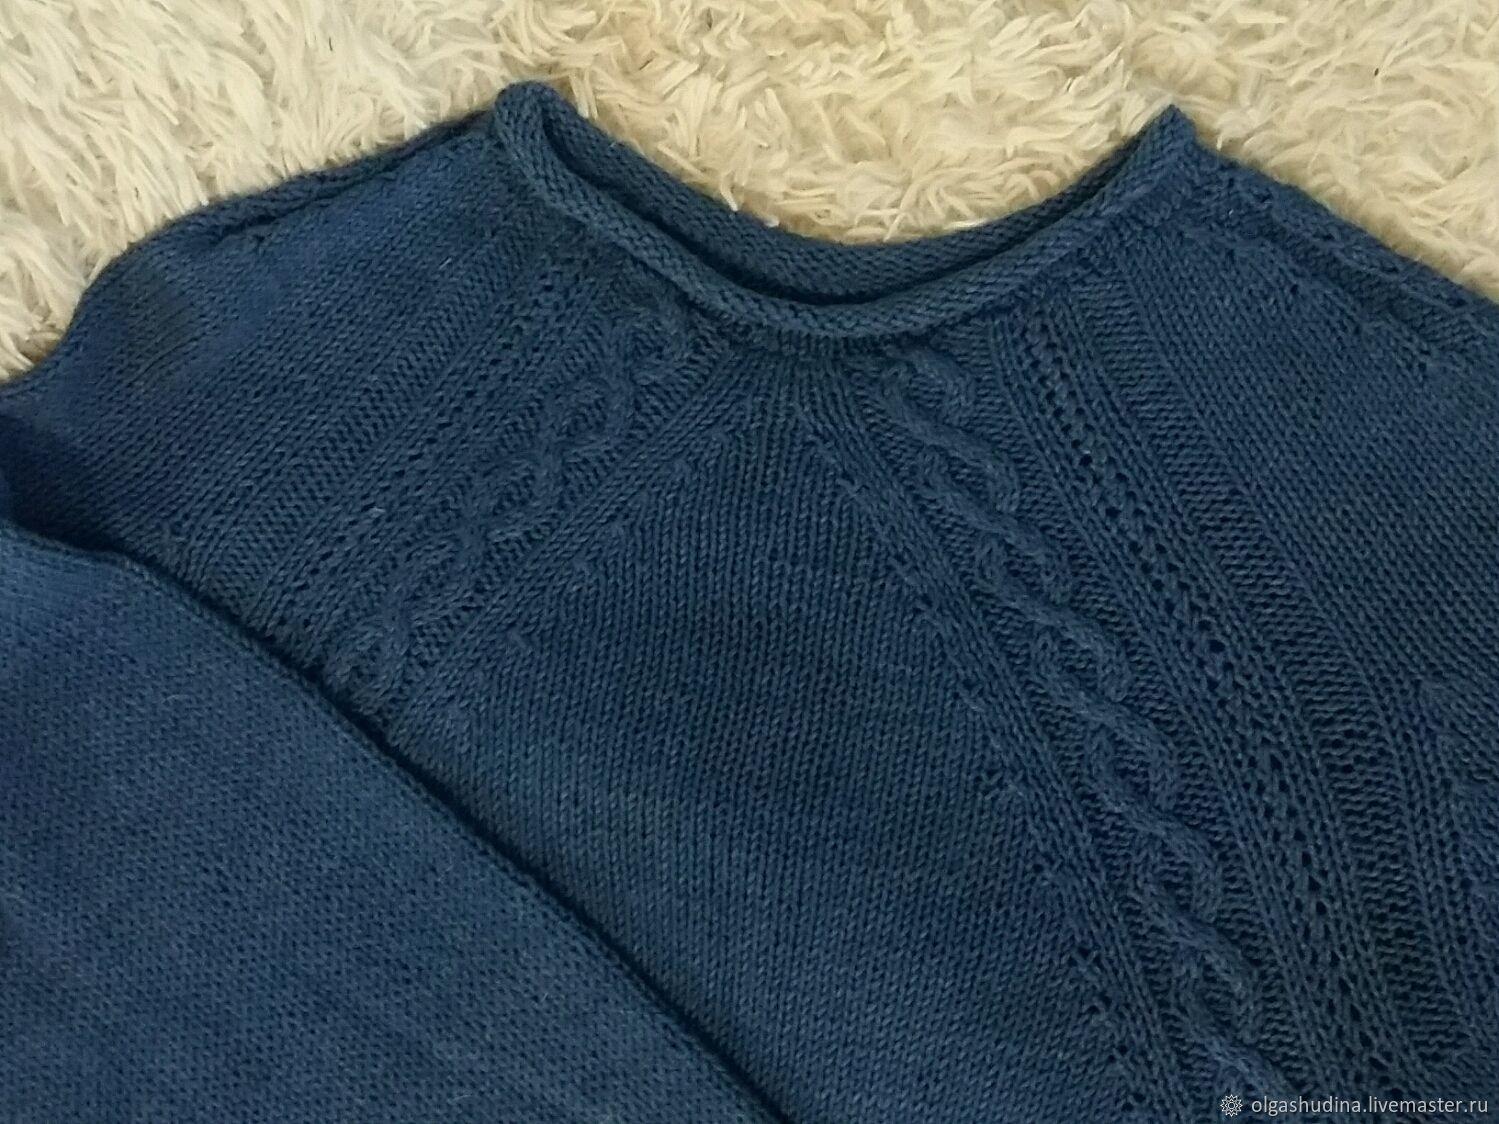 Мужской джемпер из 100%хлопка(джинс), Джемперы, Нижний Тагил, Фото №1